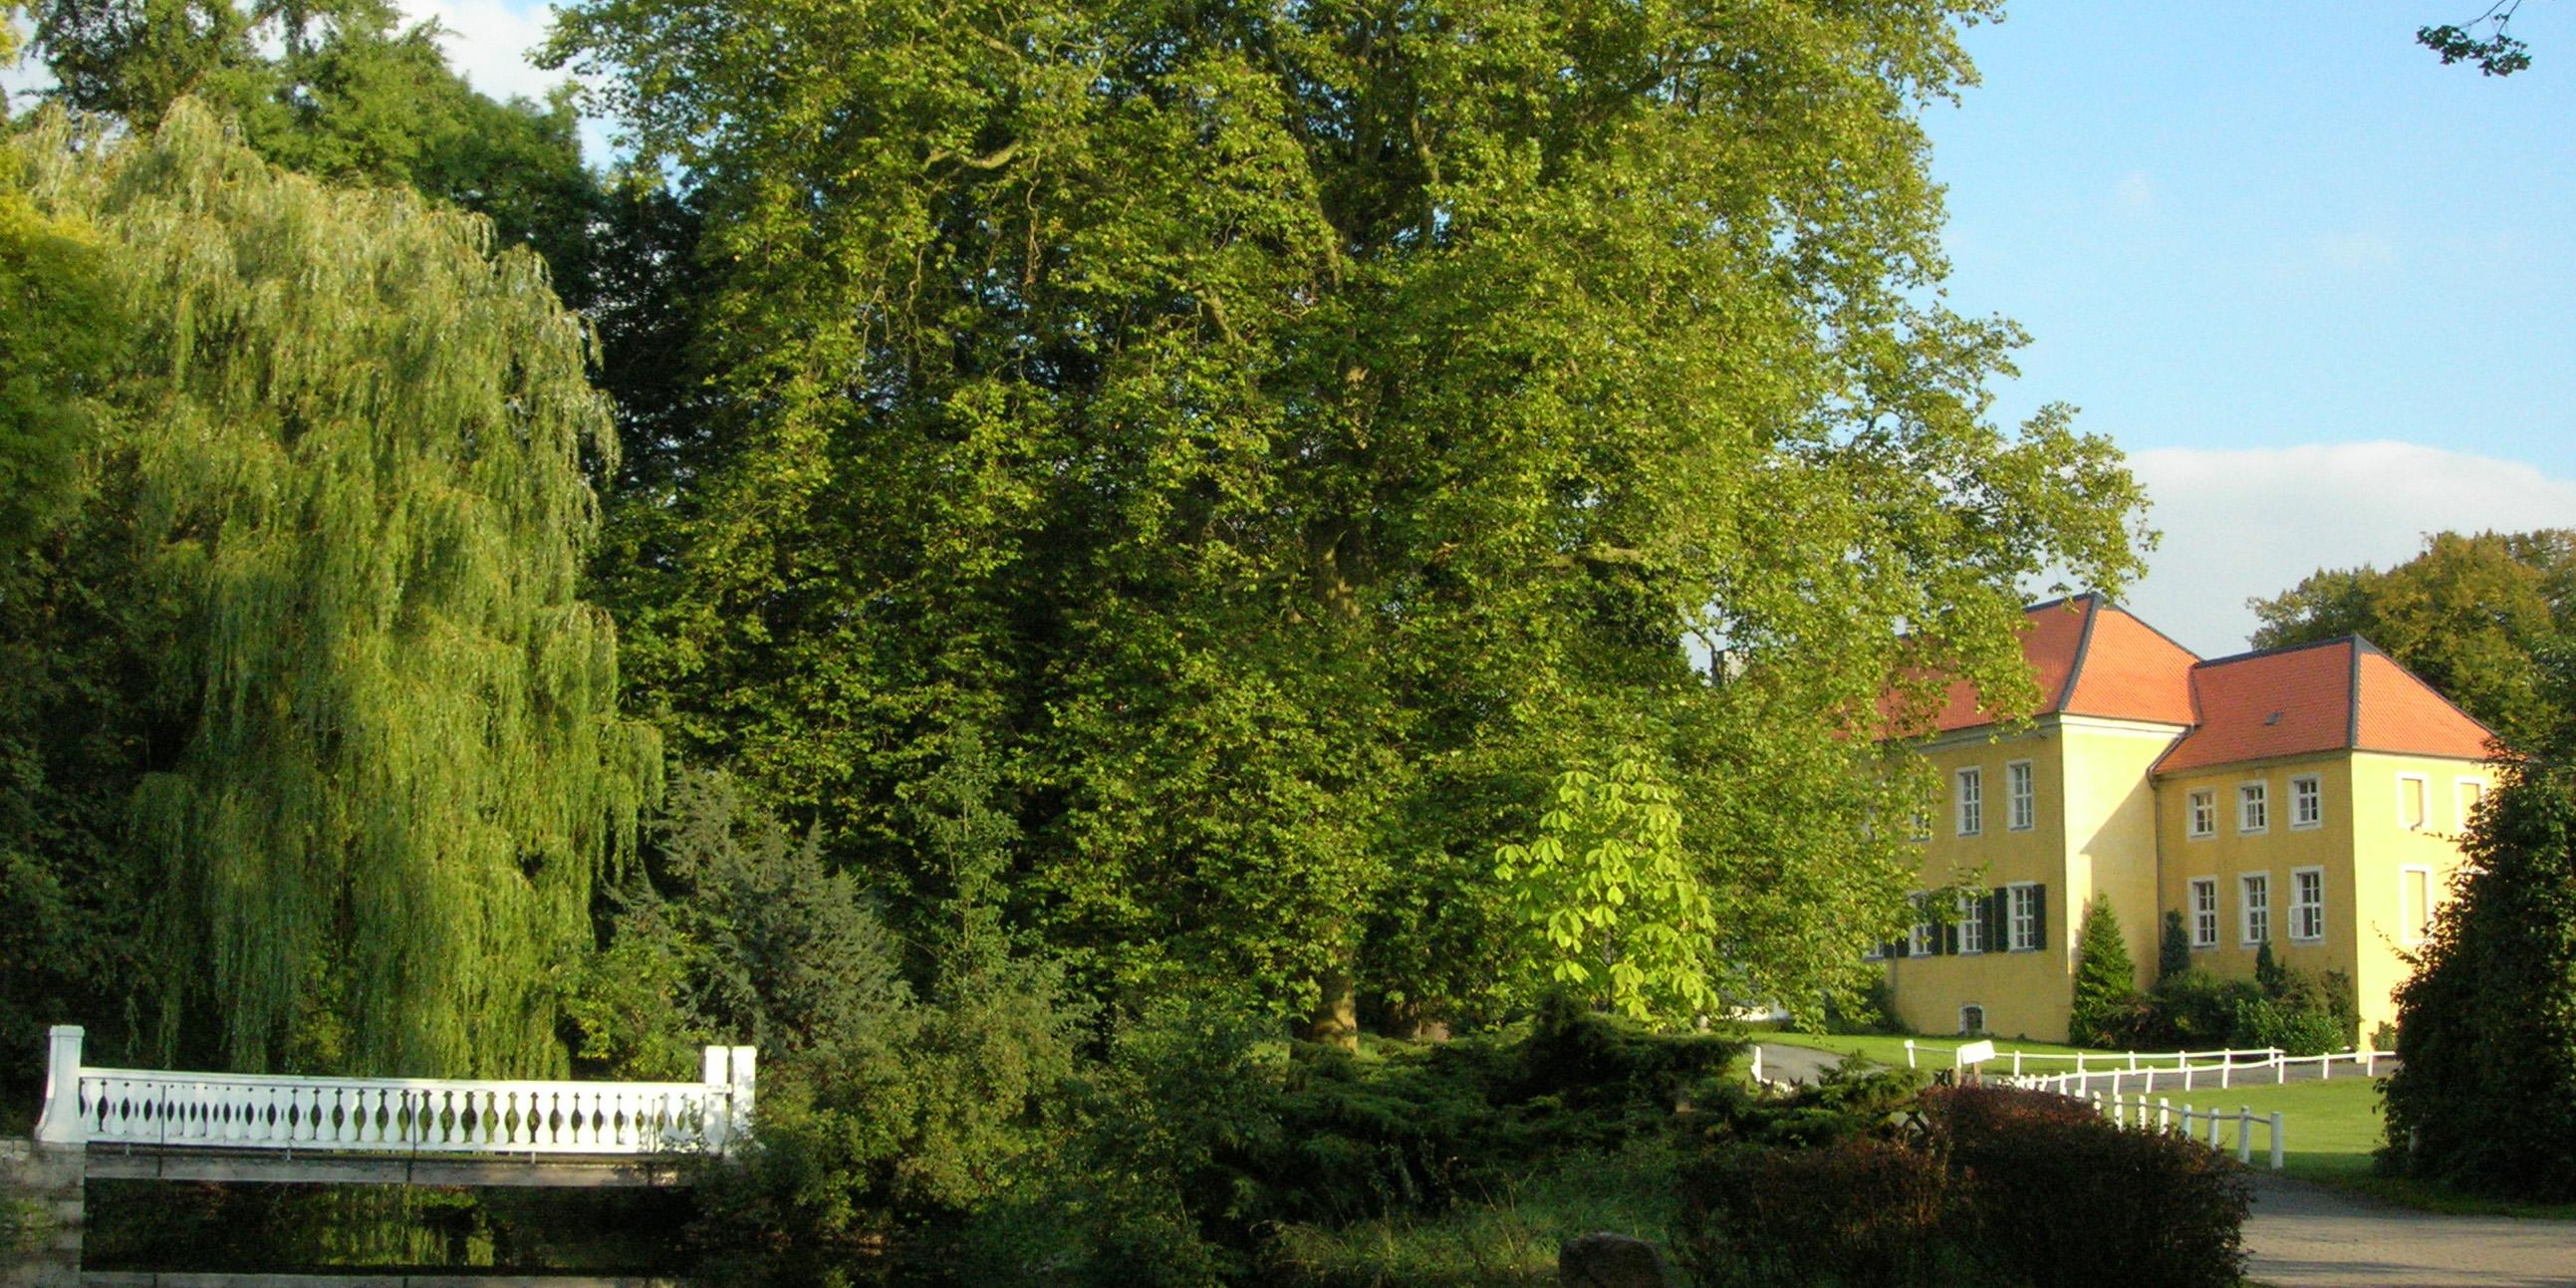 Stiftung Historische Gärten in Niedersachsen